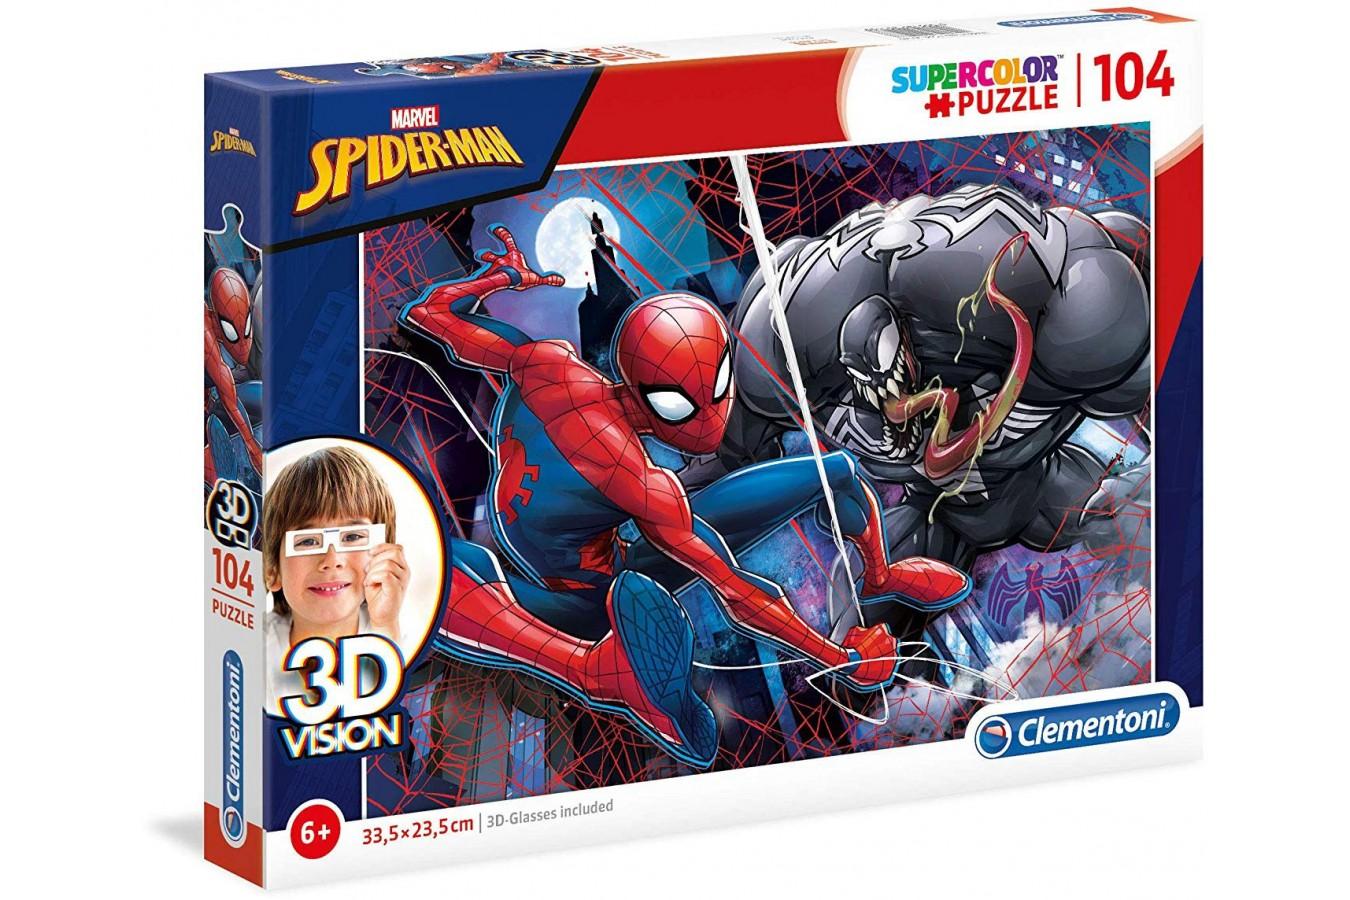 Puzzle Clementoni - Spider-Man, 104 piese, 3D Vision (20148) imagine